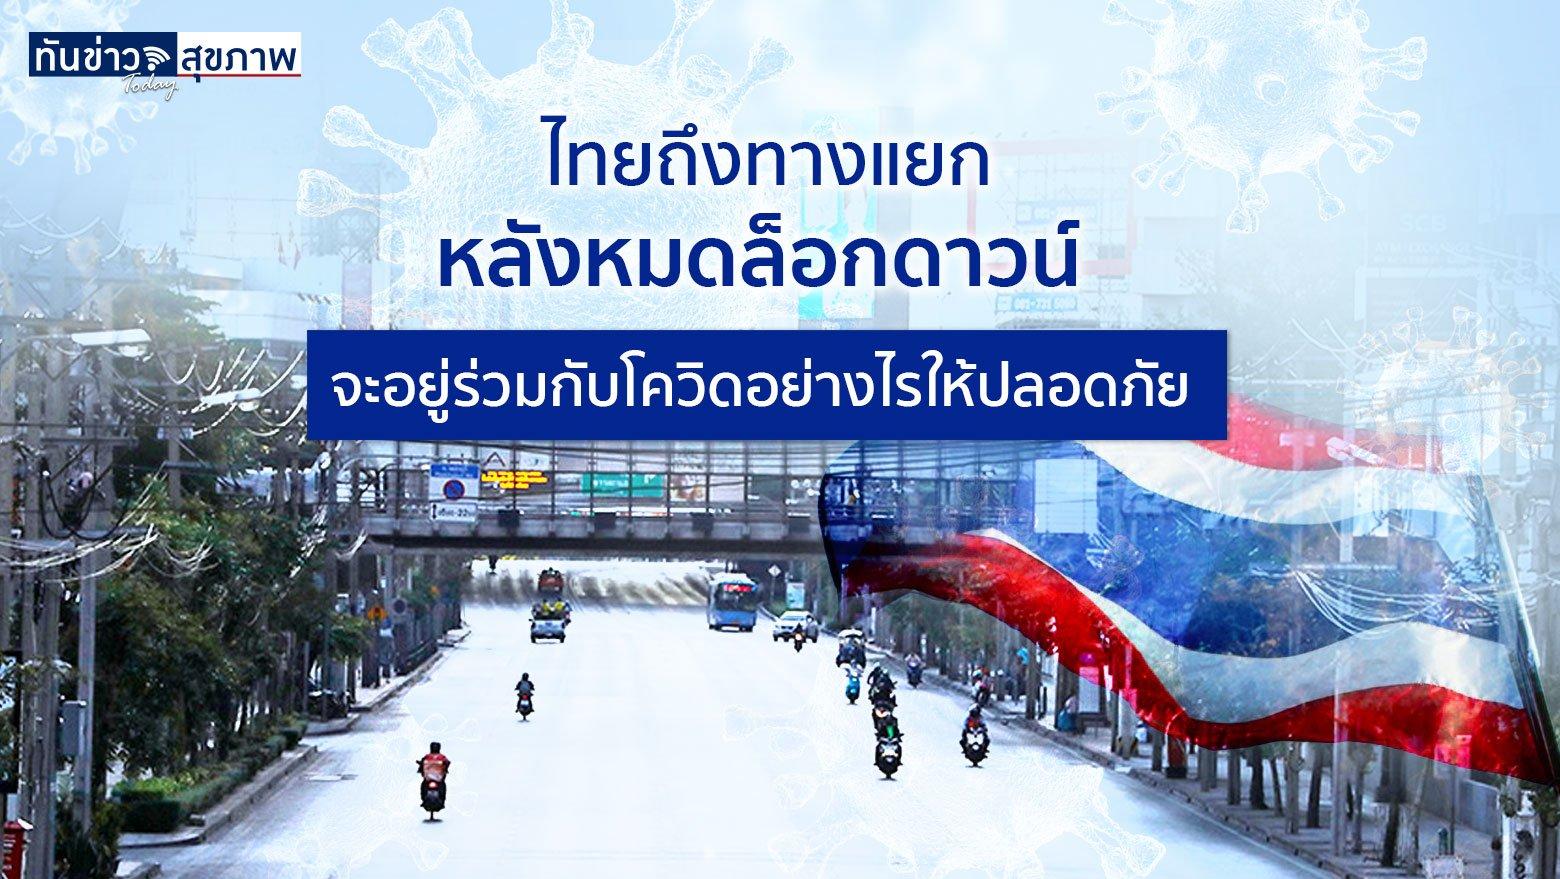 ทางแยกประเทศไทยหลังหมดล็อกดาวน์ ยอดติดเชื้อจะลดหรือพุ่งแตะ 30,000 คนต่อวัน เป็นไปได้ทั้งสองทาง